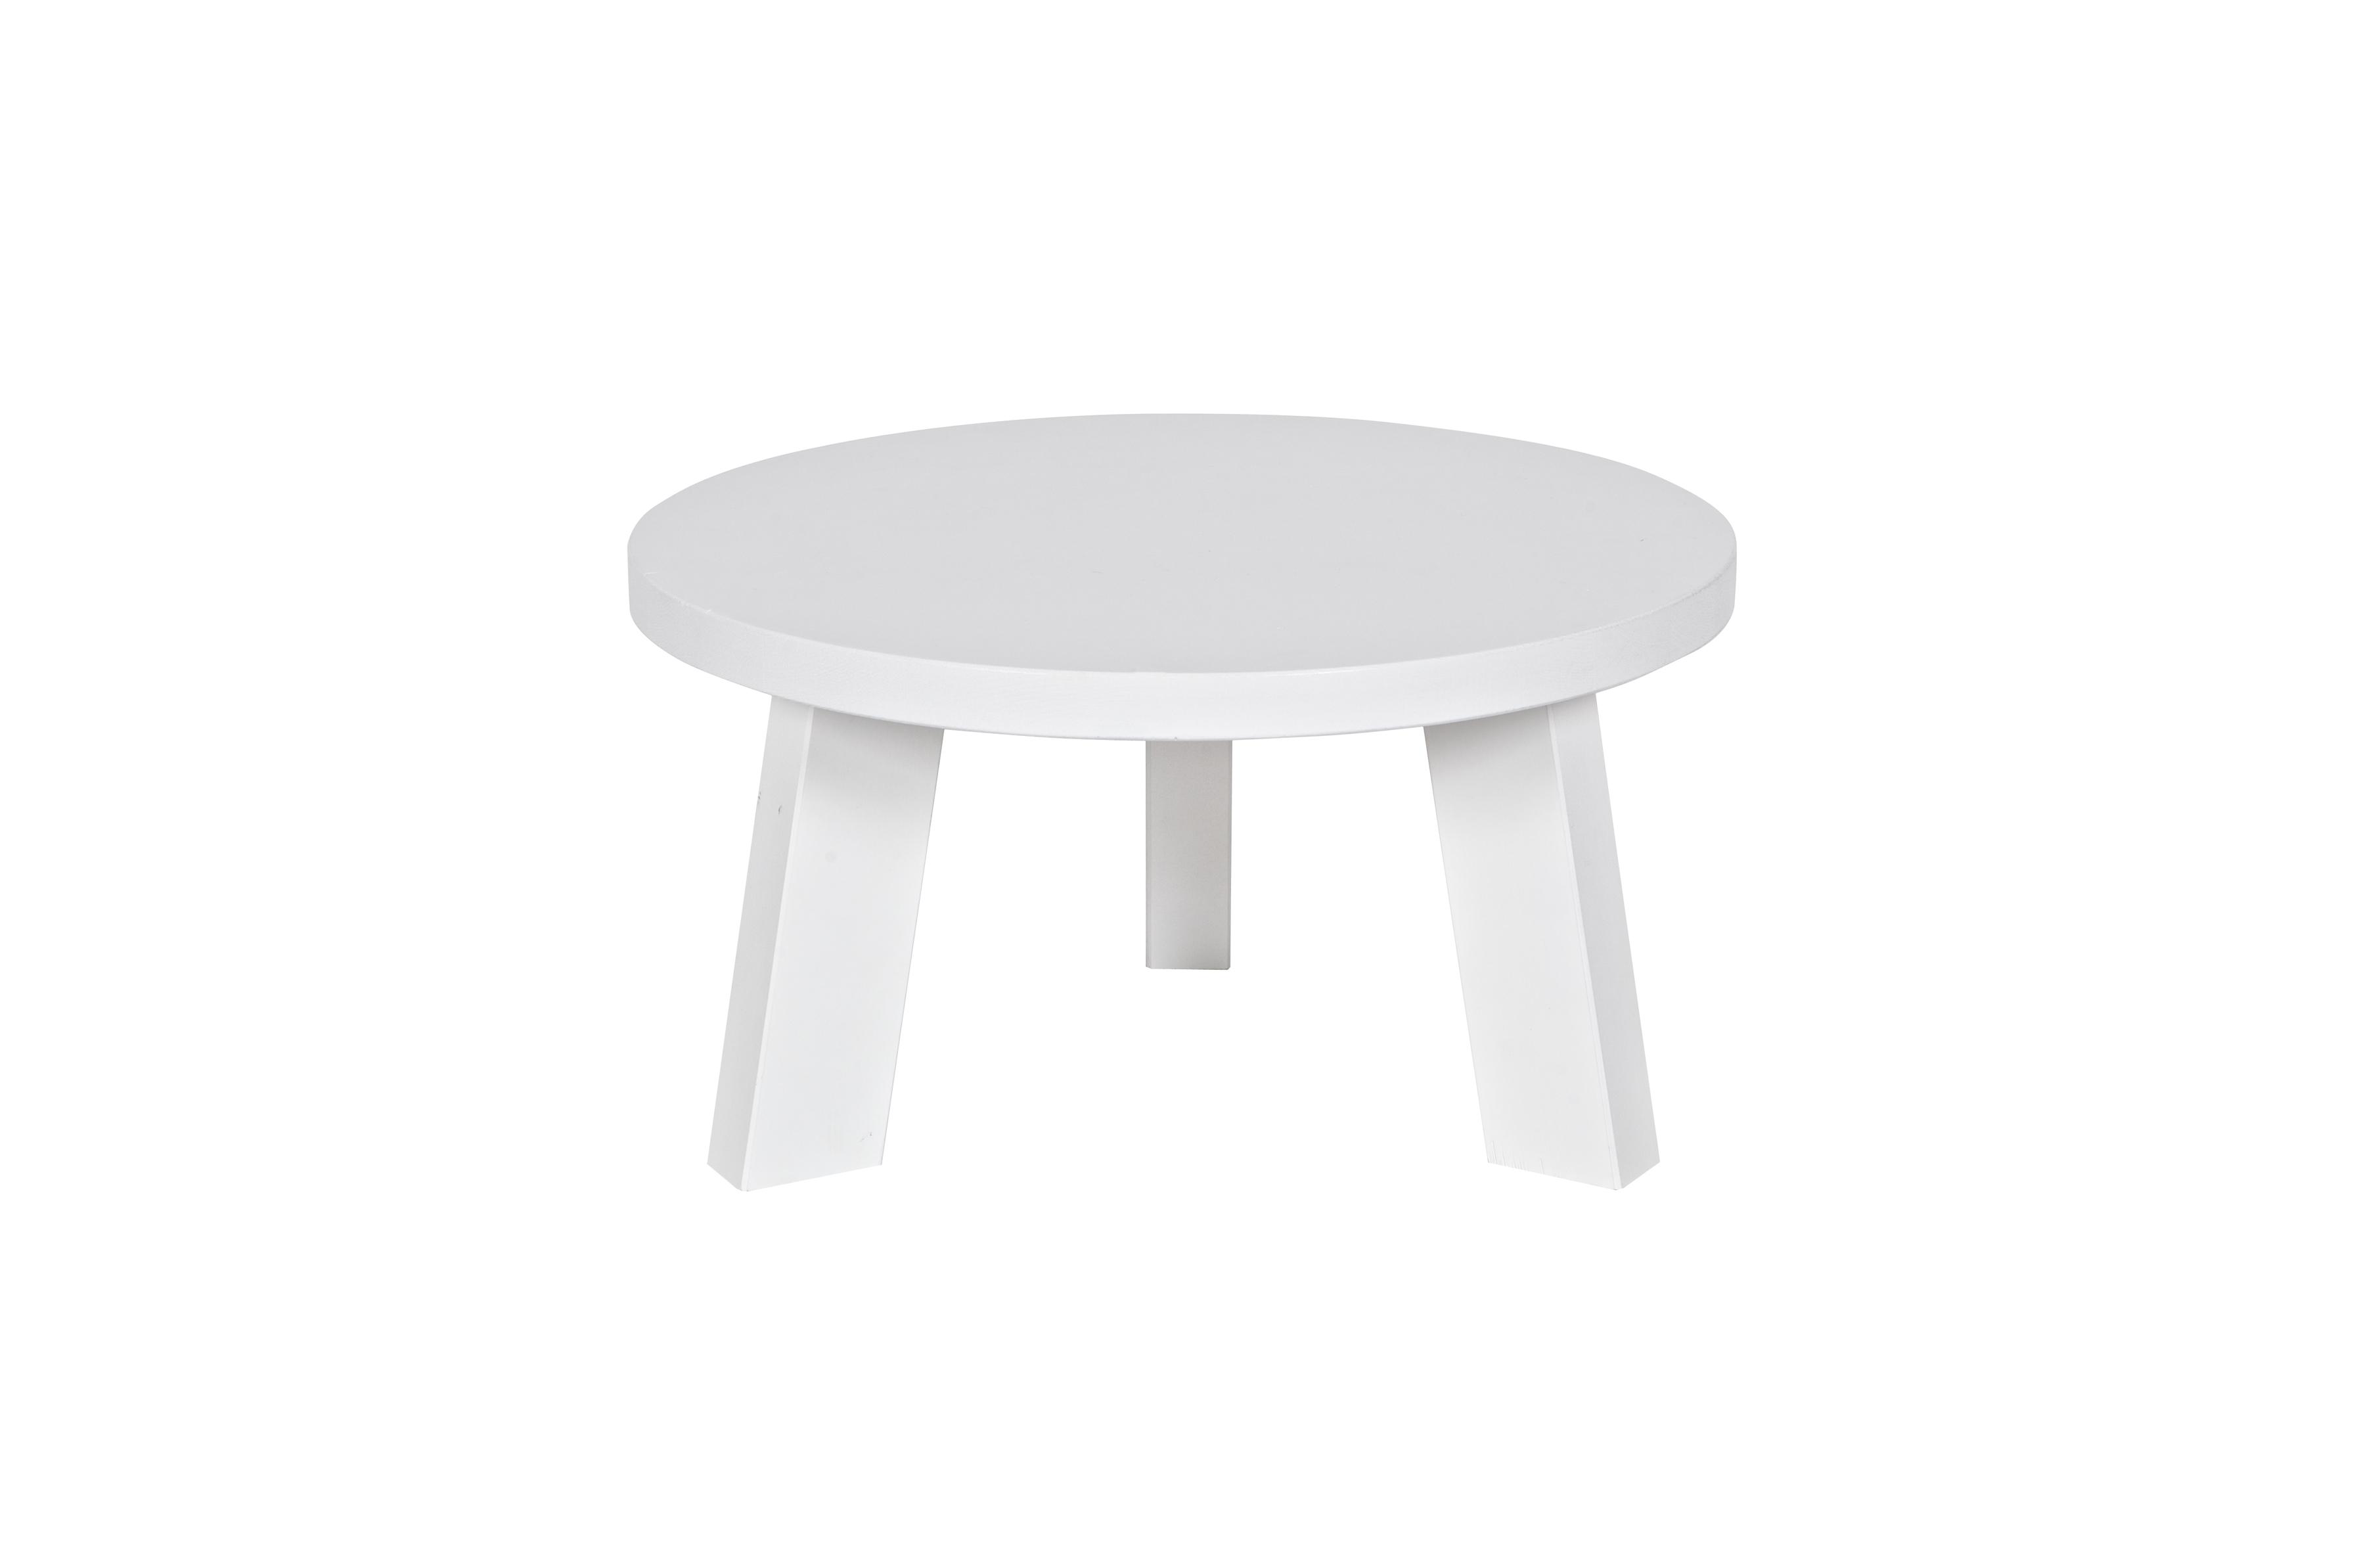 Witte Tafel Rond.Rond Tafelblad Ikea